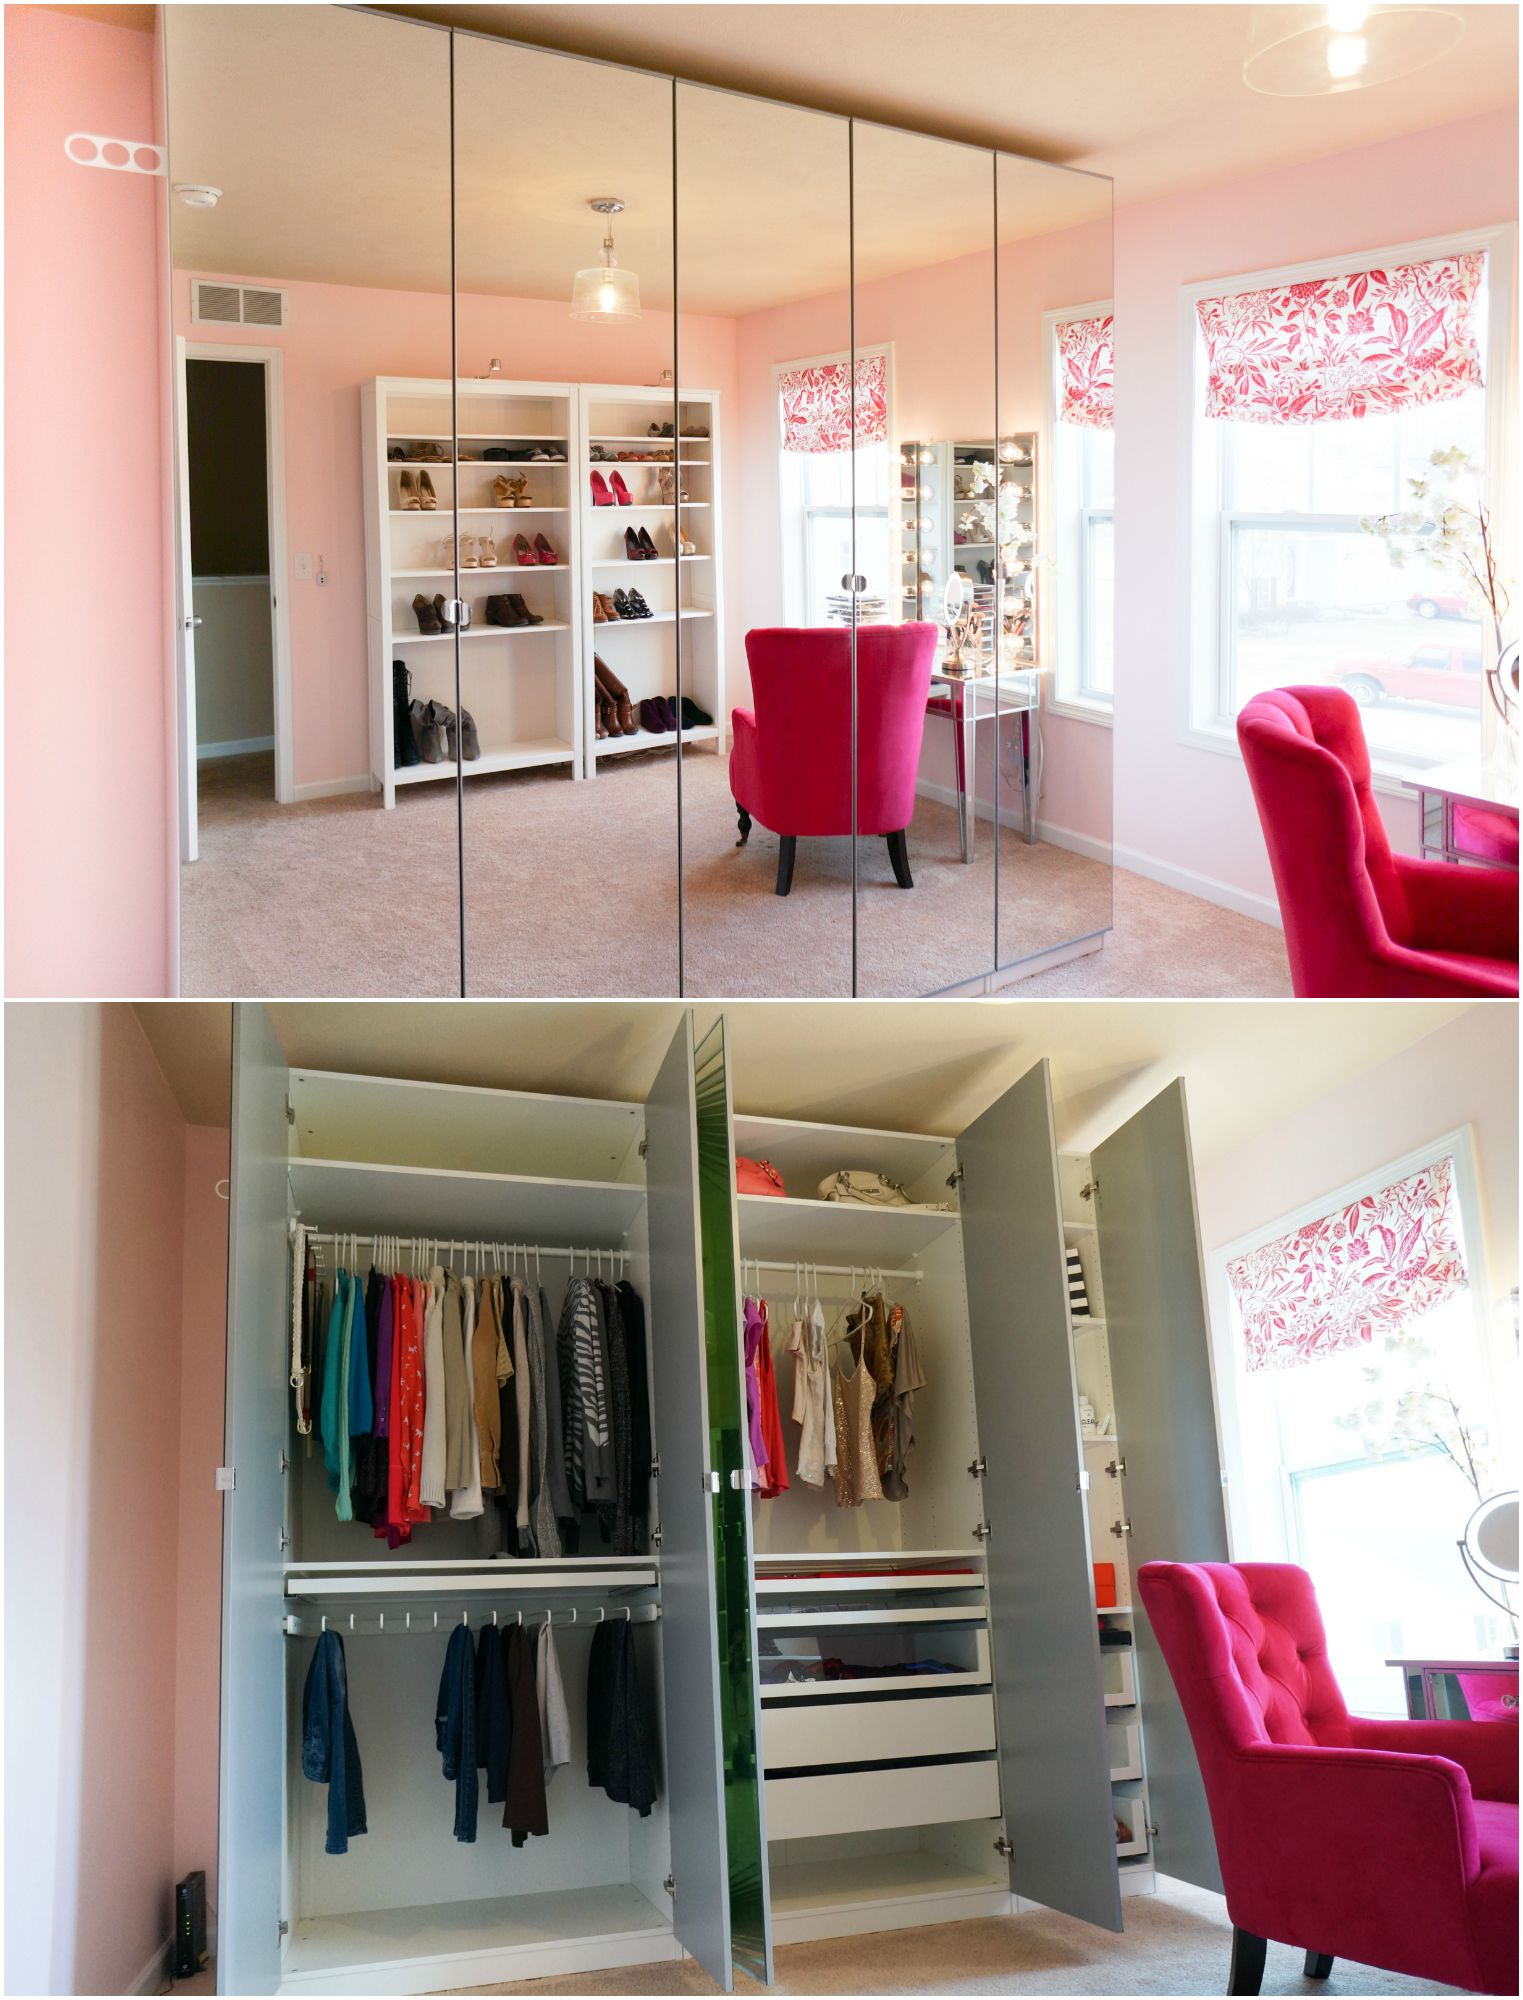 IKEA PAX mirrored wardrobe in 2020 Walk in closet ikea